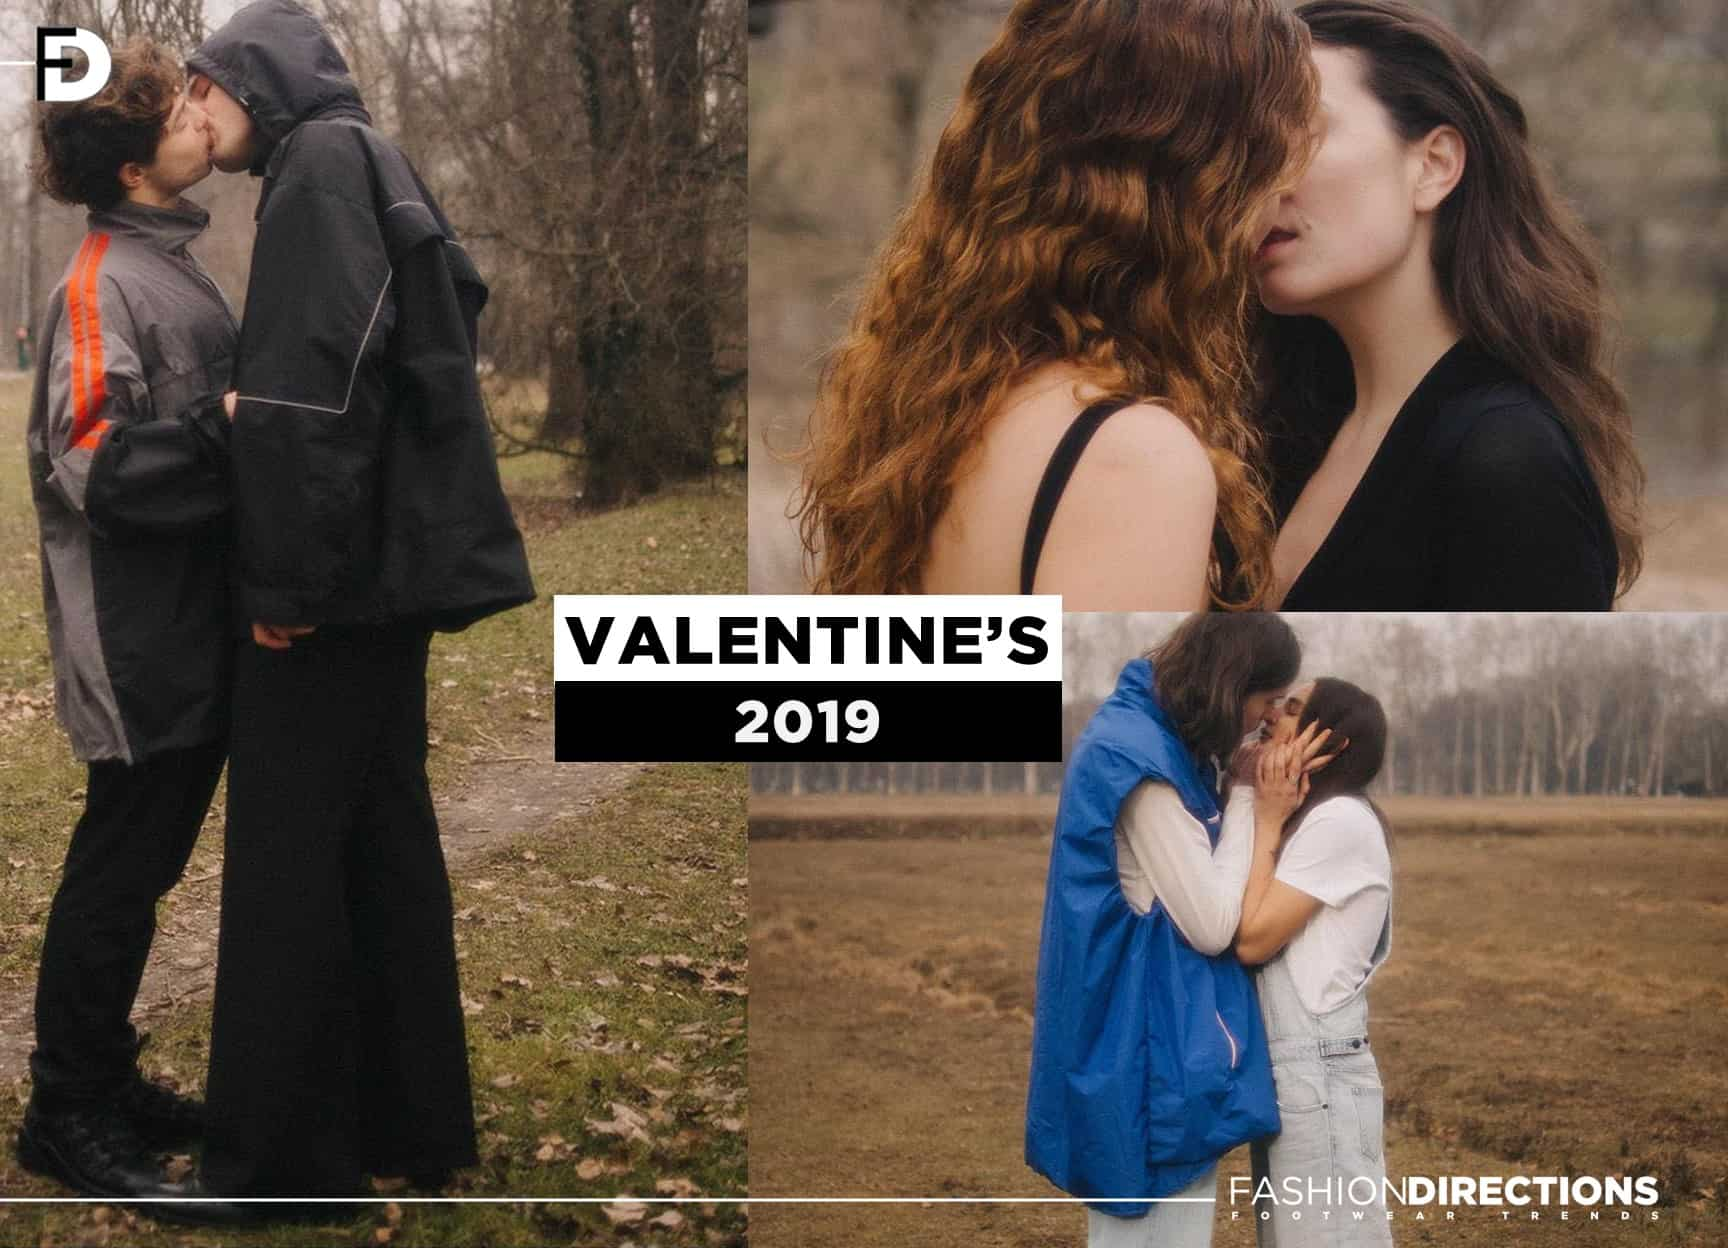 Valentines 2019 1